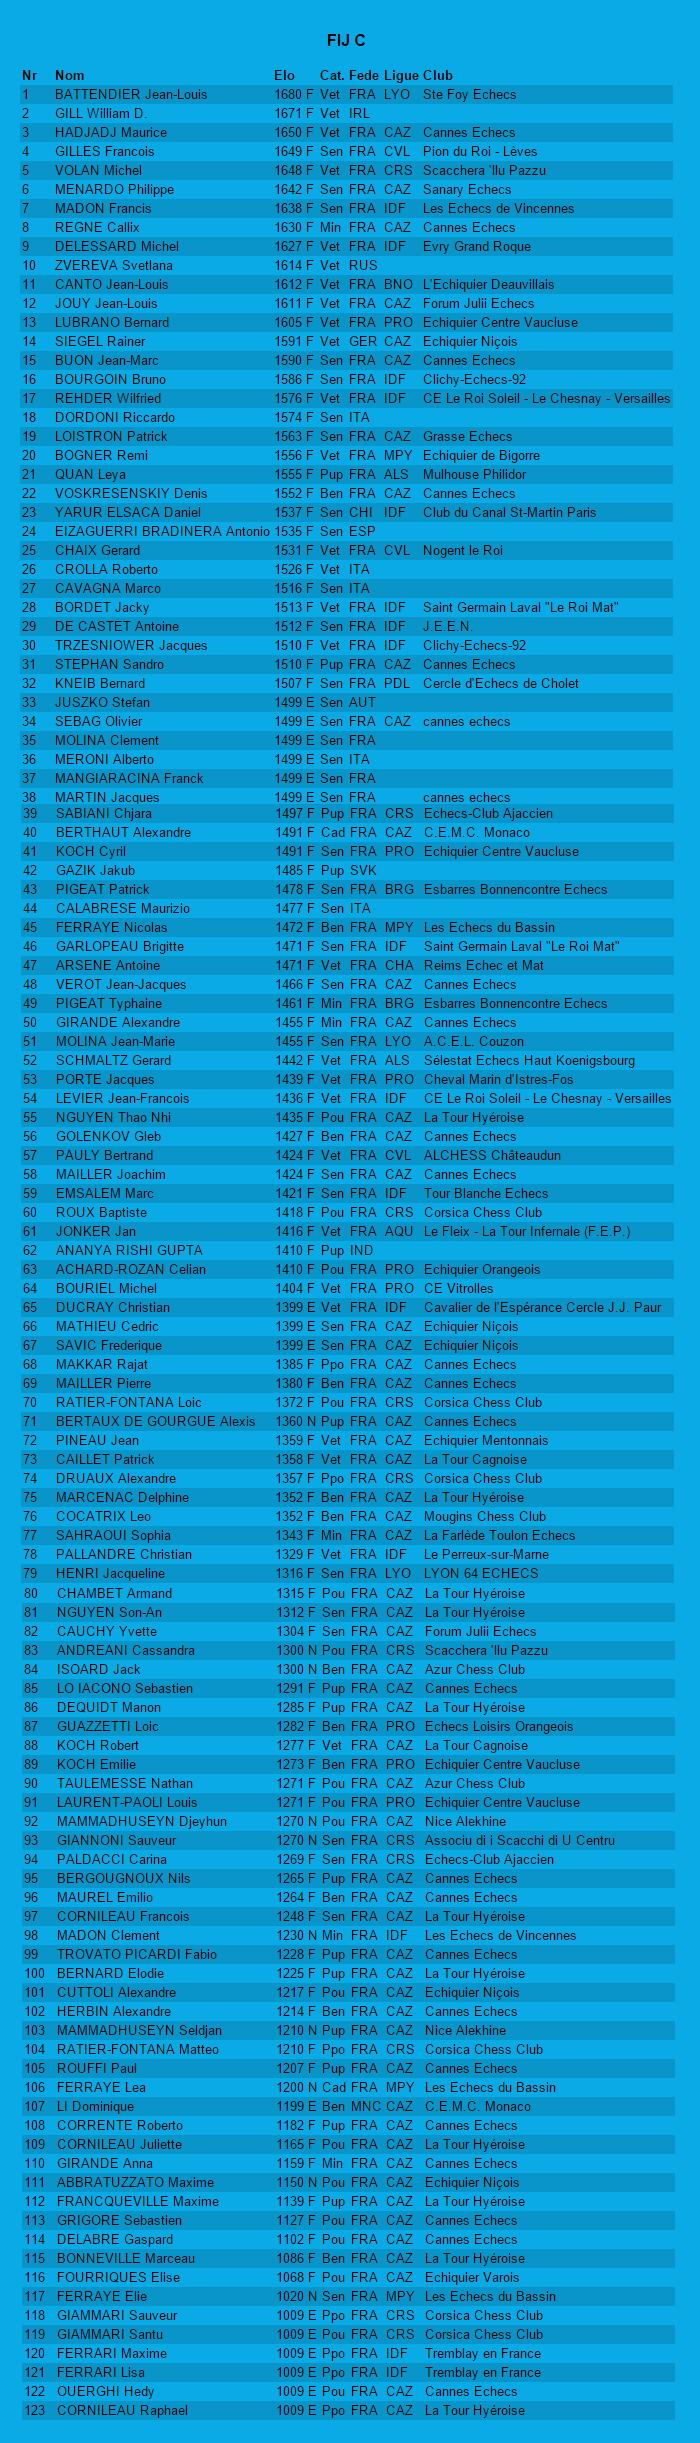 Liste des joueurs inscrits à l'open C